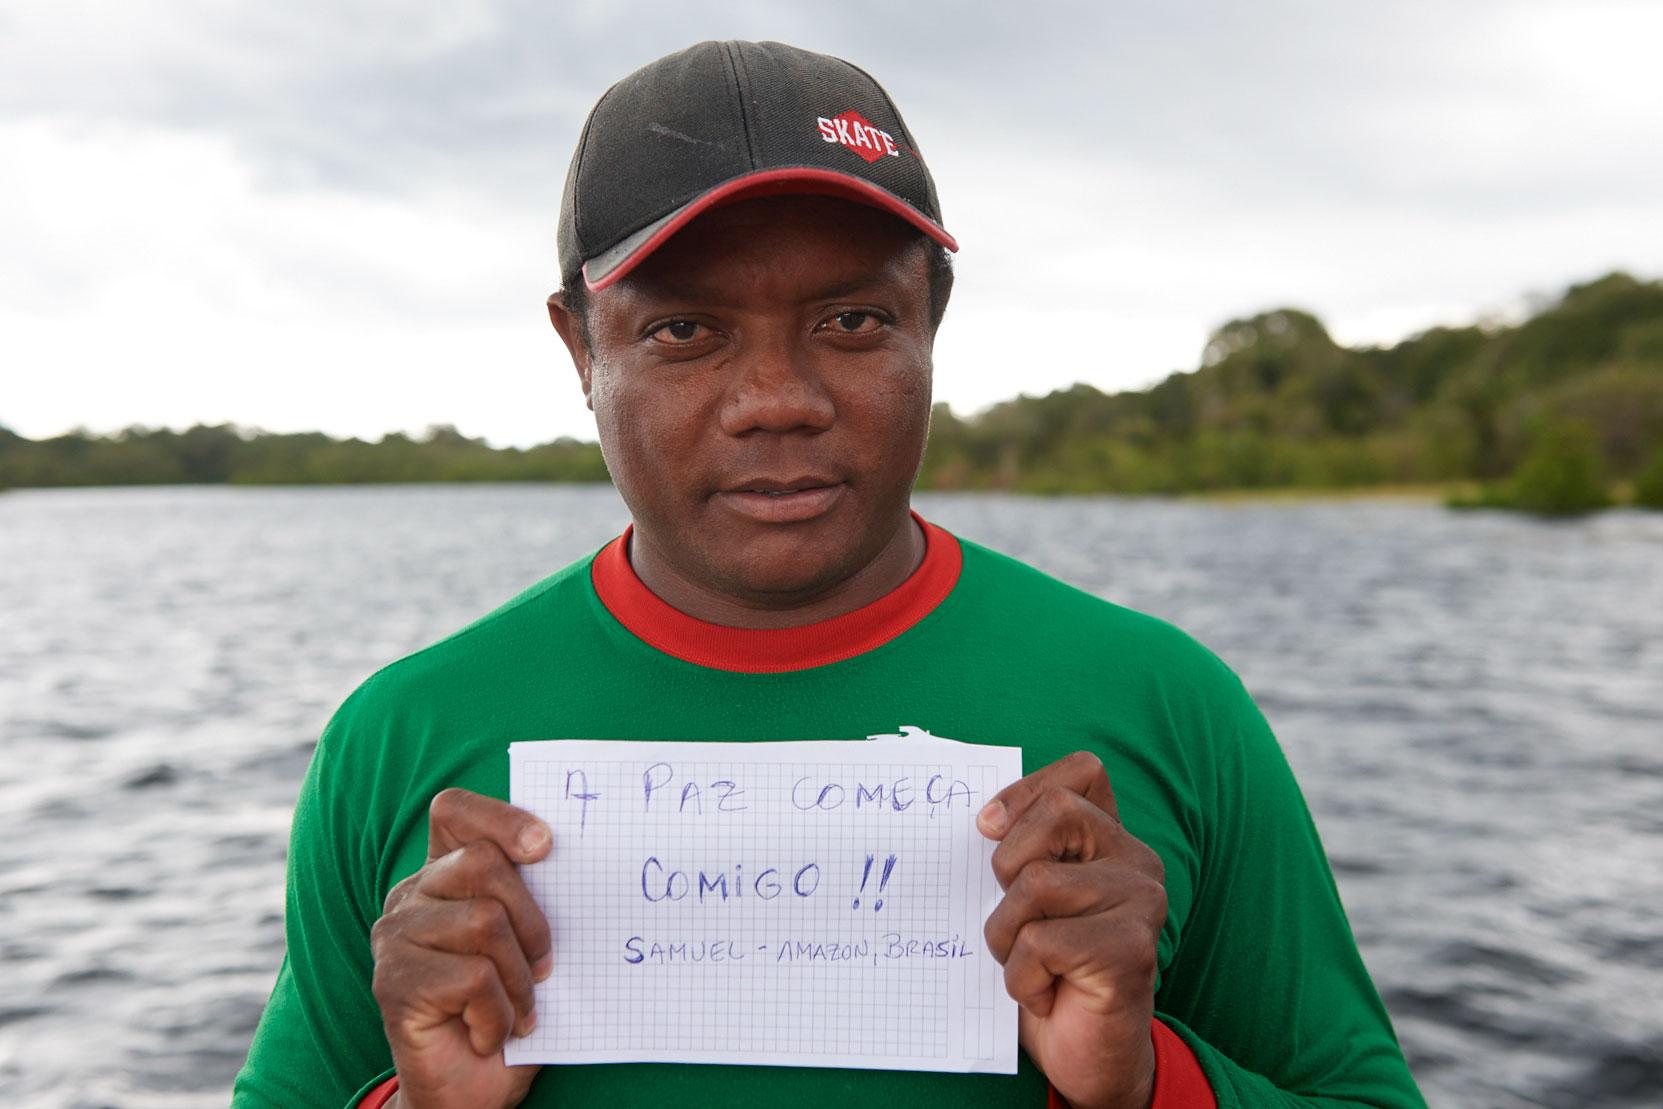 Portrait eines Brasilianers, der ein beschriebenes Blatt Papier vor sich hält